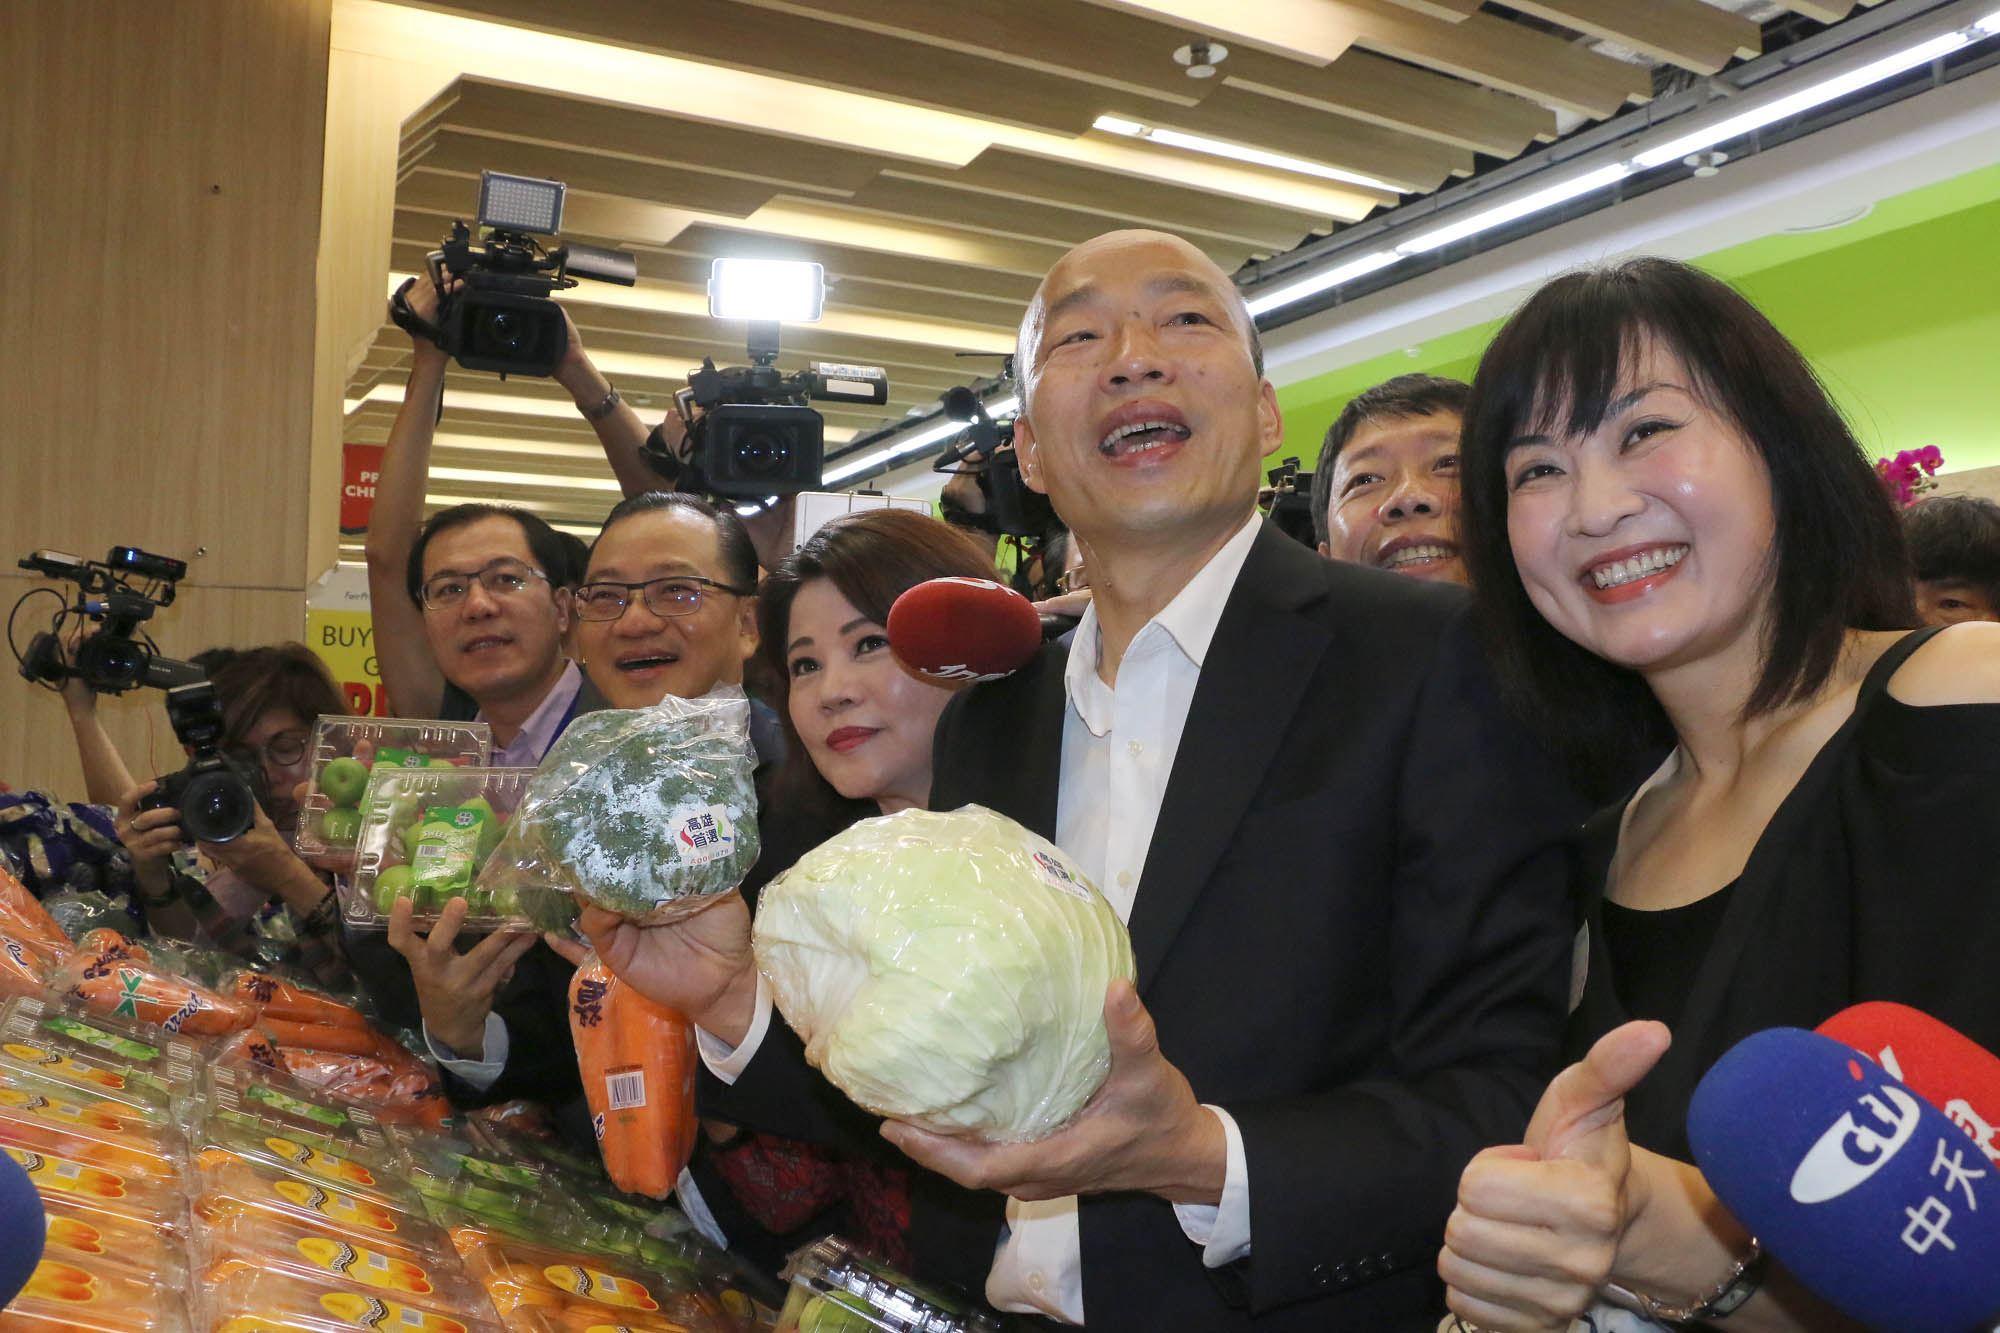 20190226韓國瑜赴星拓銷農產 與FairPrice簽訂長期合約-通稿六.JPG.jpg